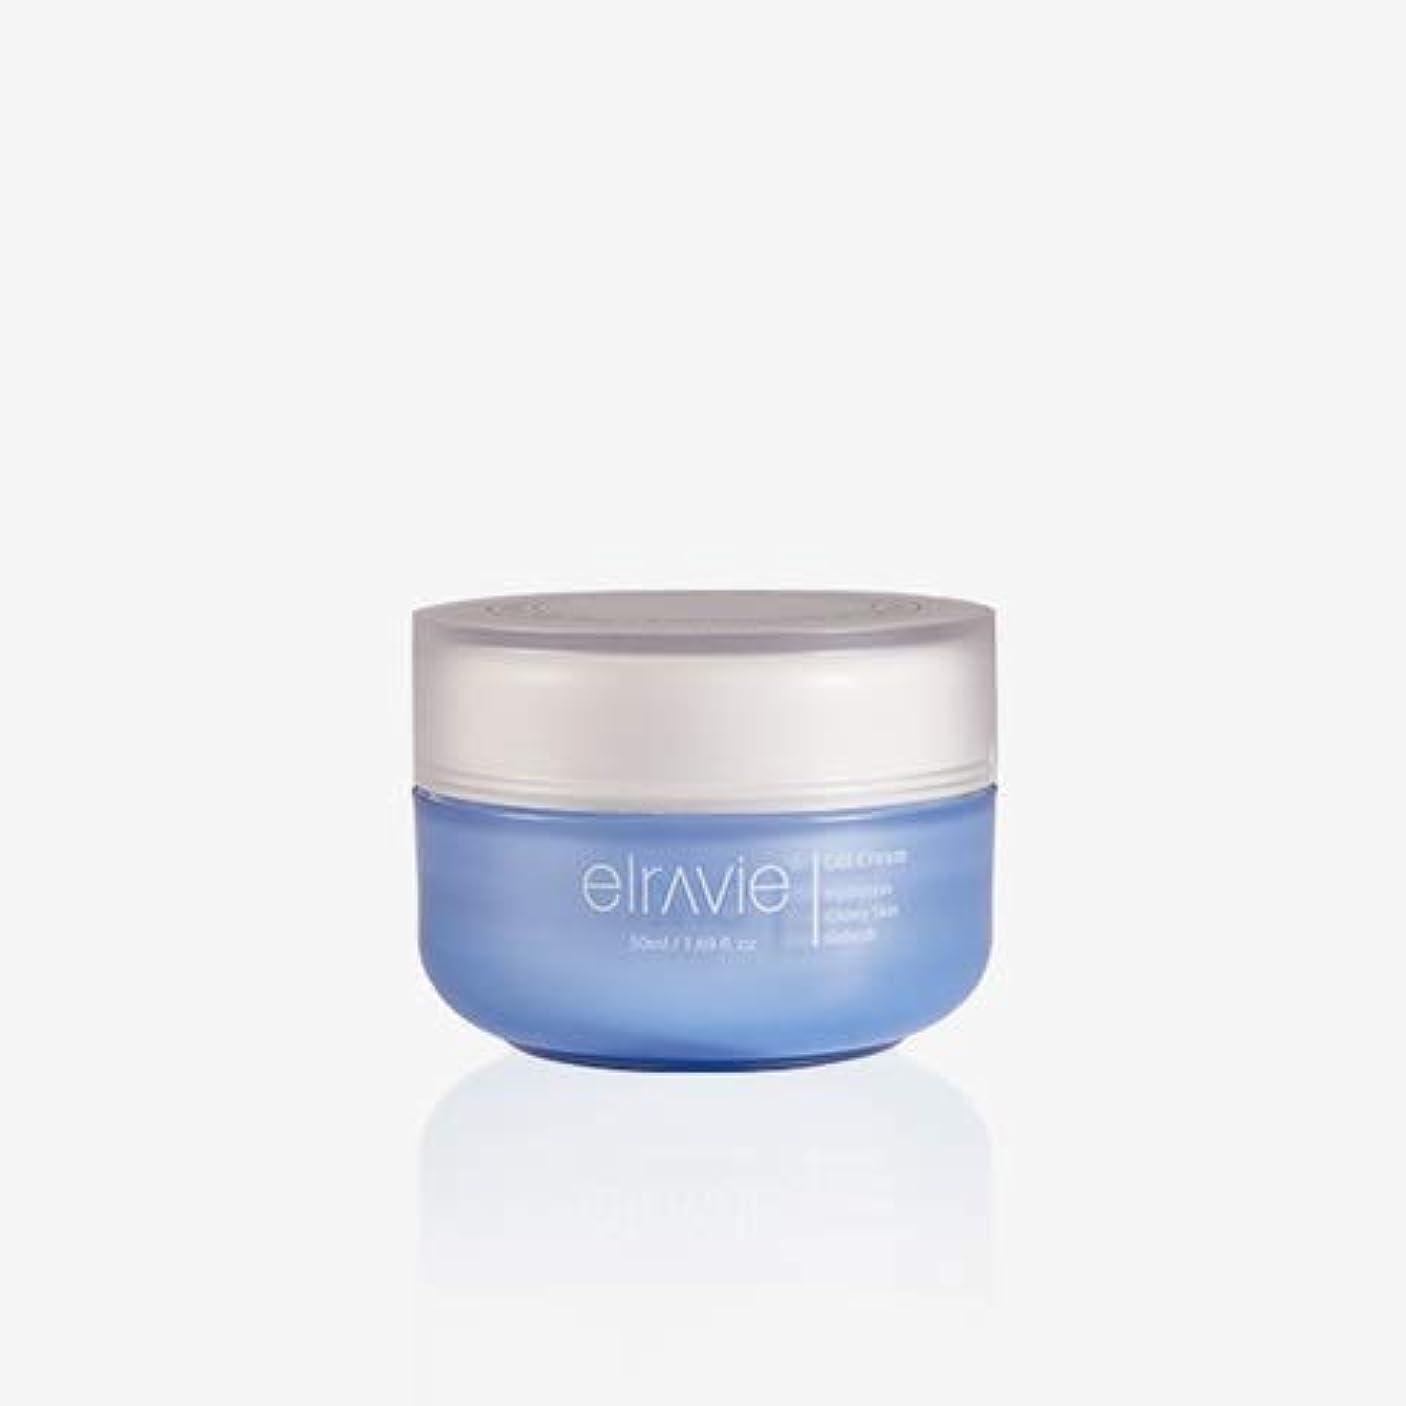 一掃する半ば欺くエラヴィー[Elravie] ダーマハイドロエクステンデッドハイジェルクリーム50ml / Derma Hydro Extended Hyal Gel Cream